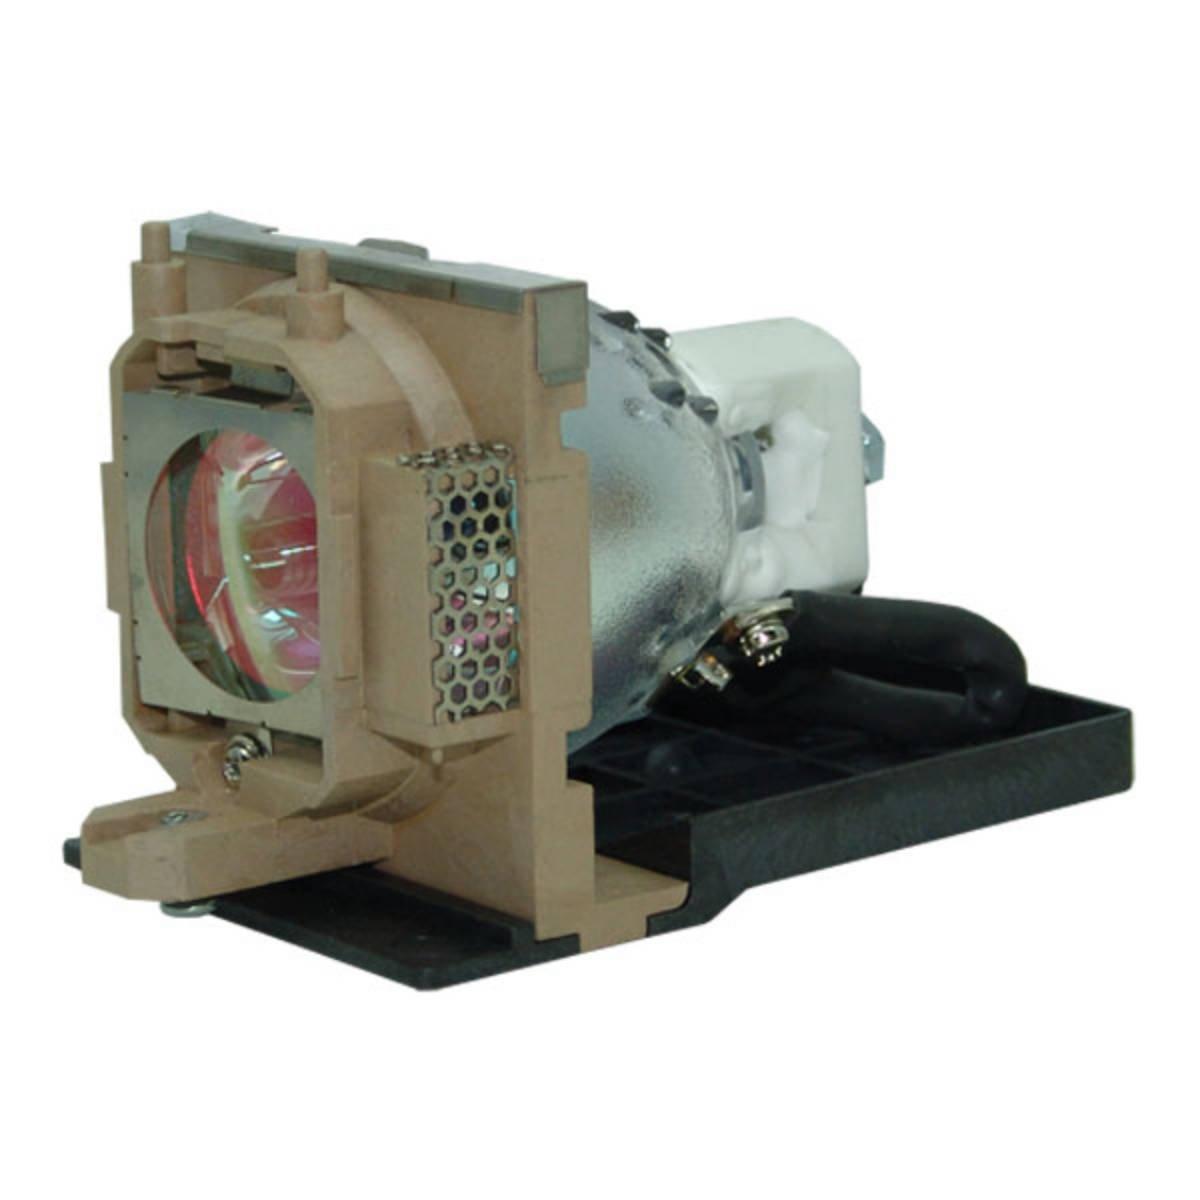 VLT-SE2LP プロジェクター交換用ランプ 三菱用ハウジング付き   B00C52183O